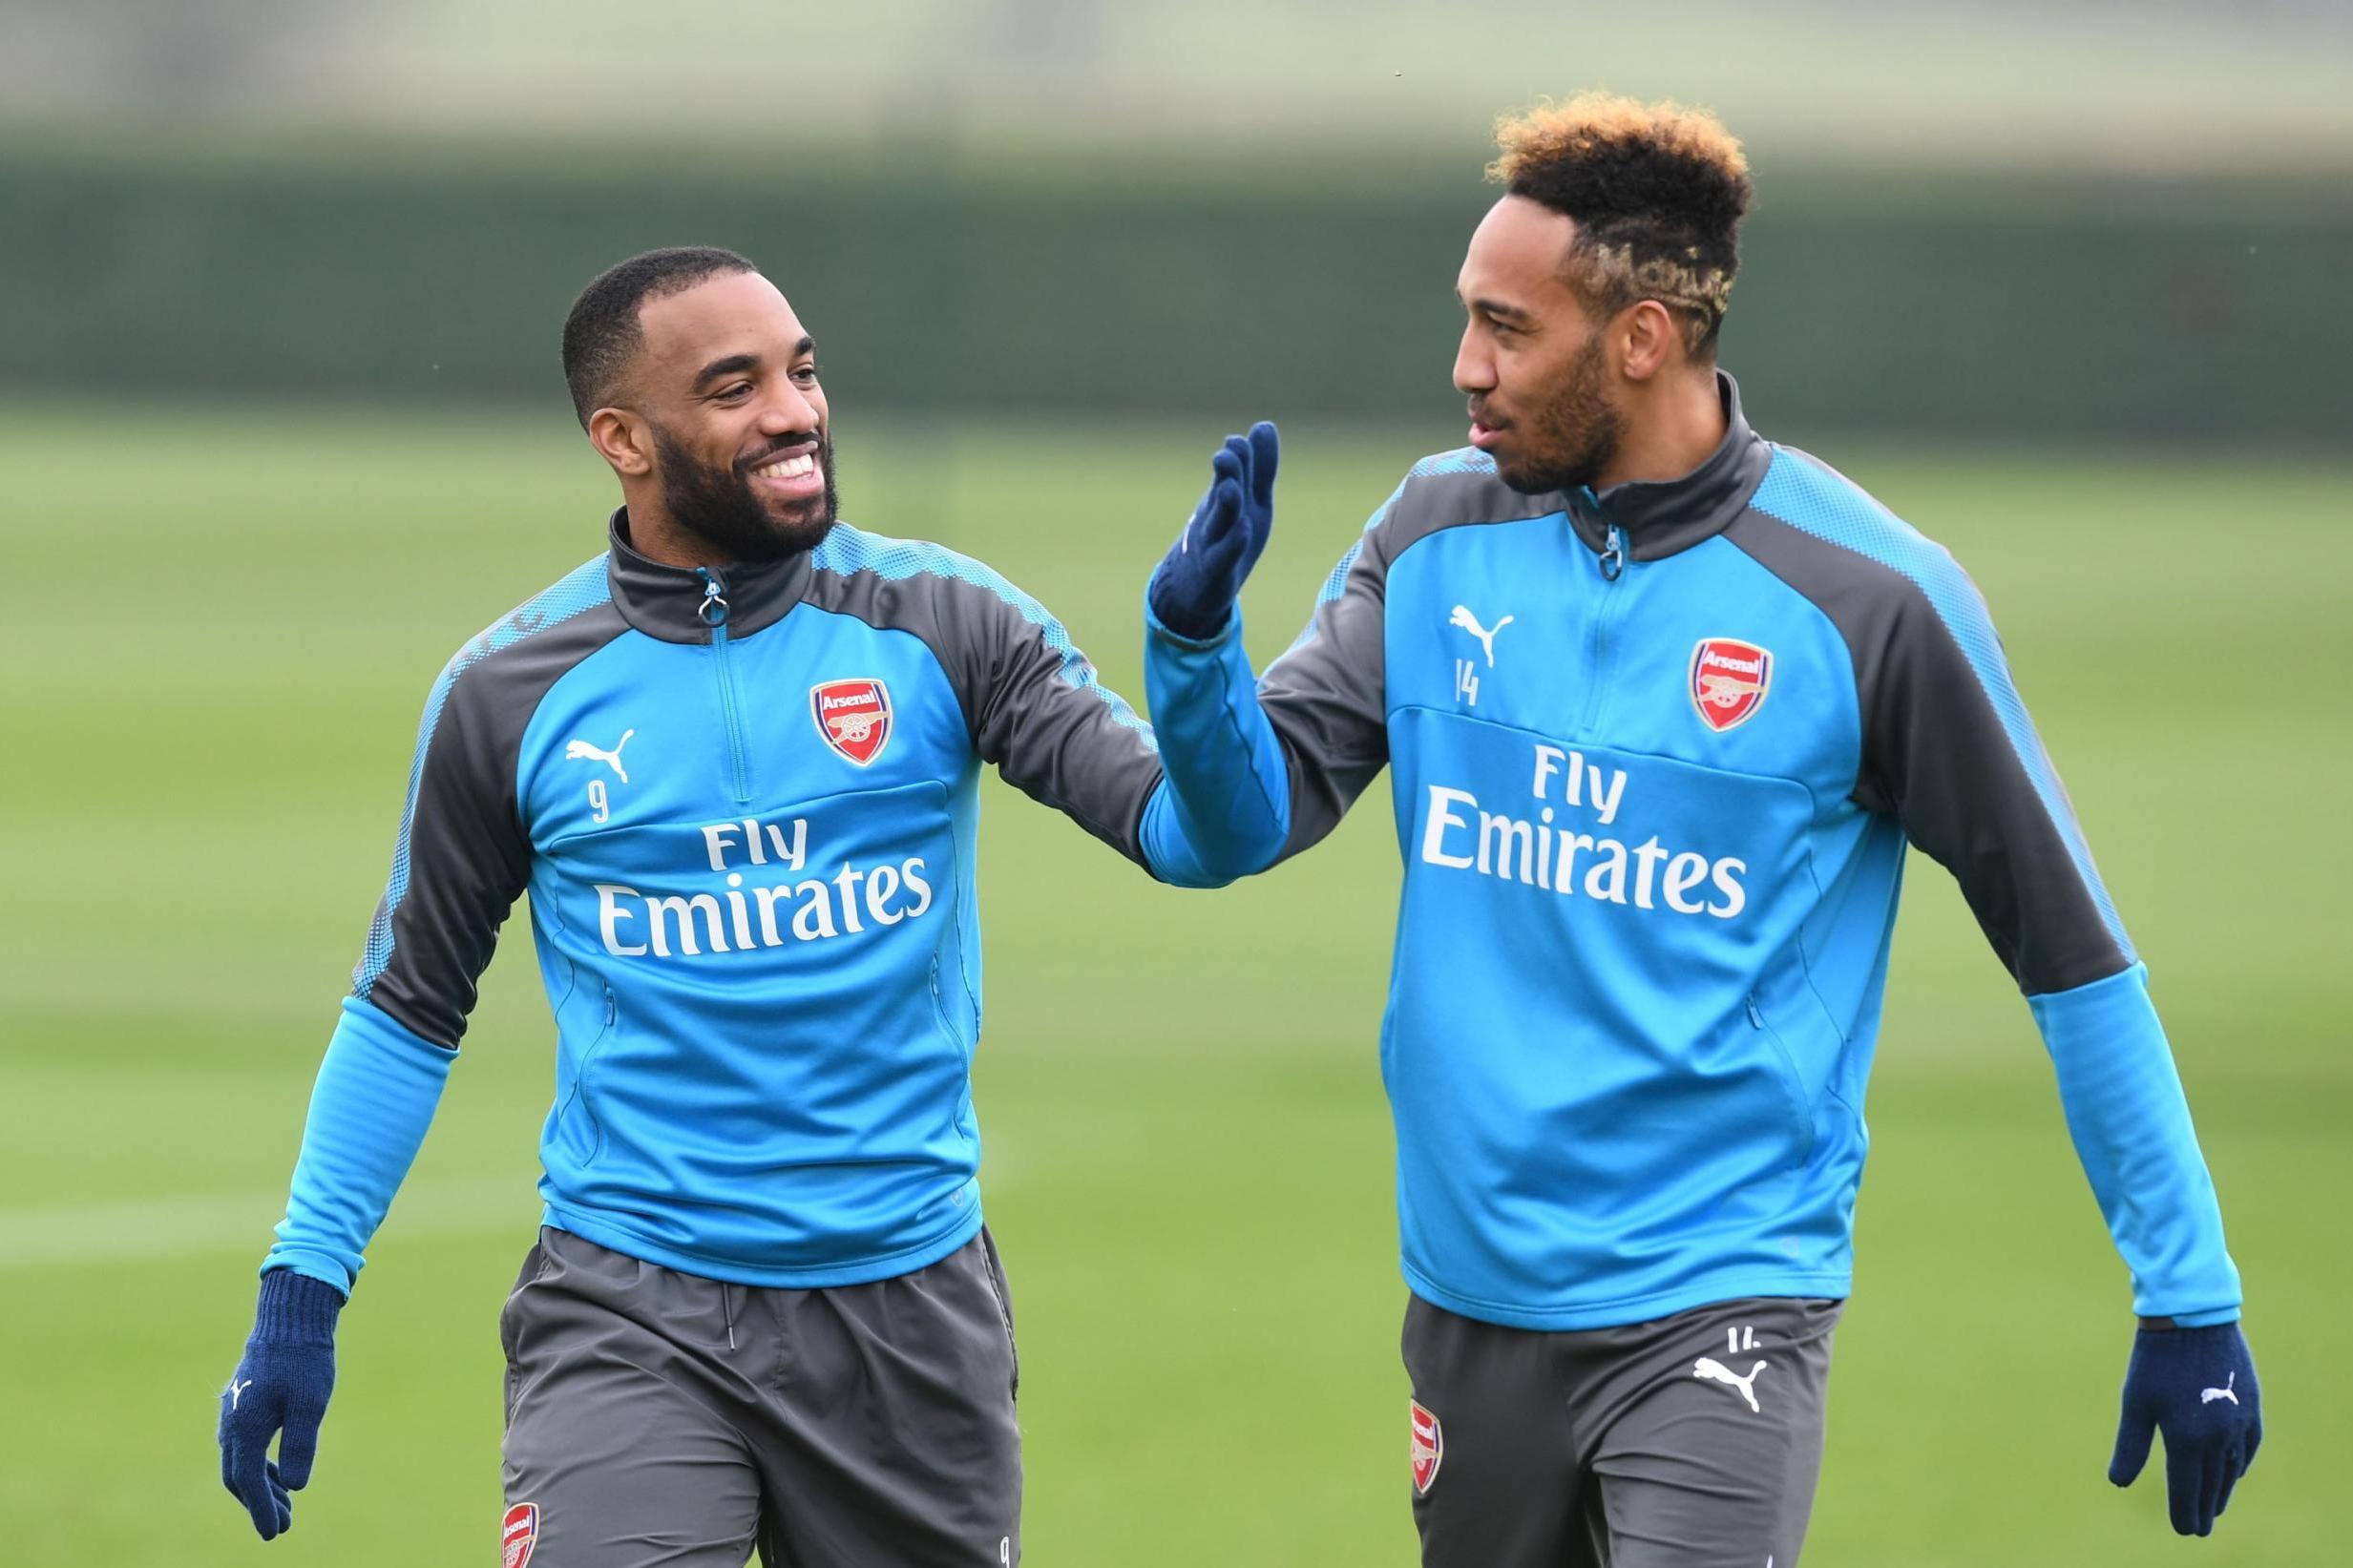 Kabar Bagus Untuk Arsenal